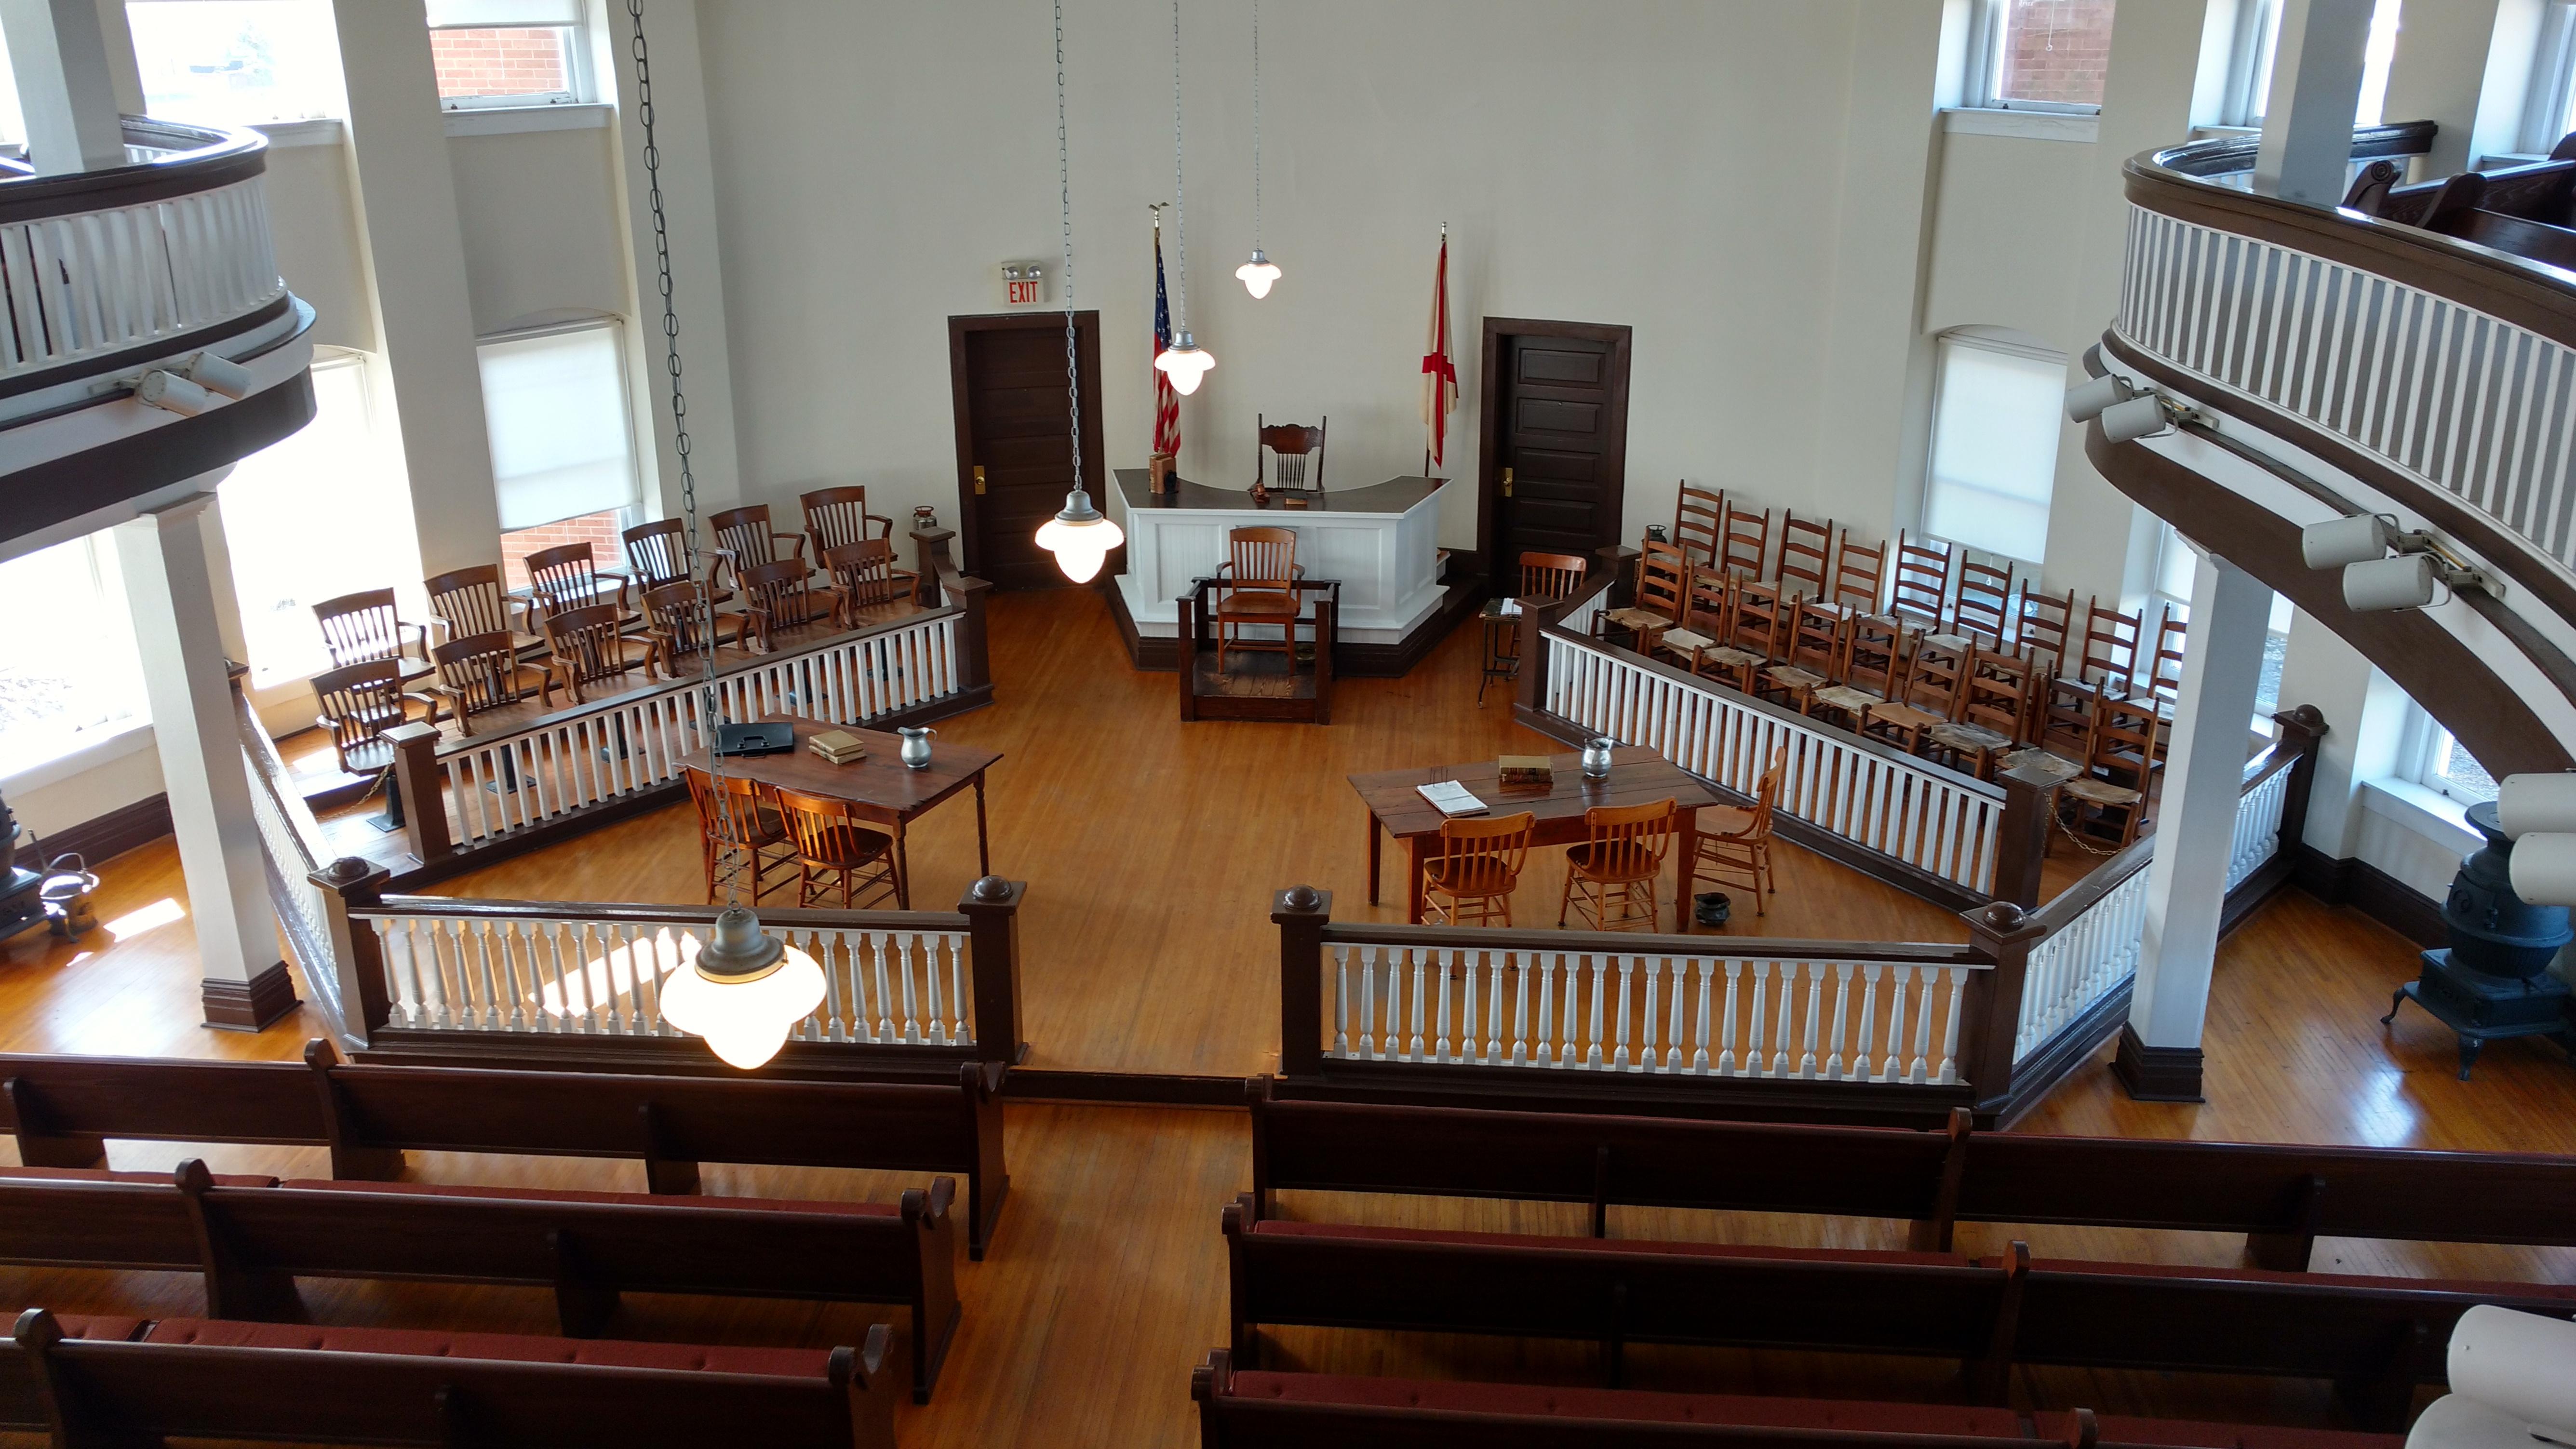 Monroeville-Courthouse-Courtroom-Van-Wersch-Writes